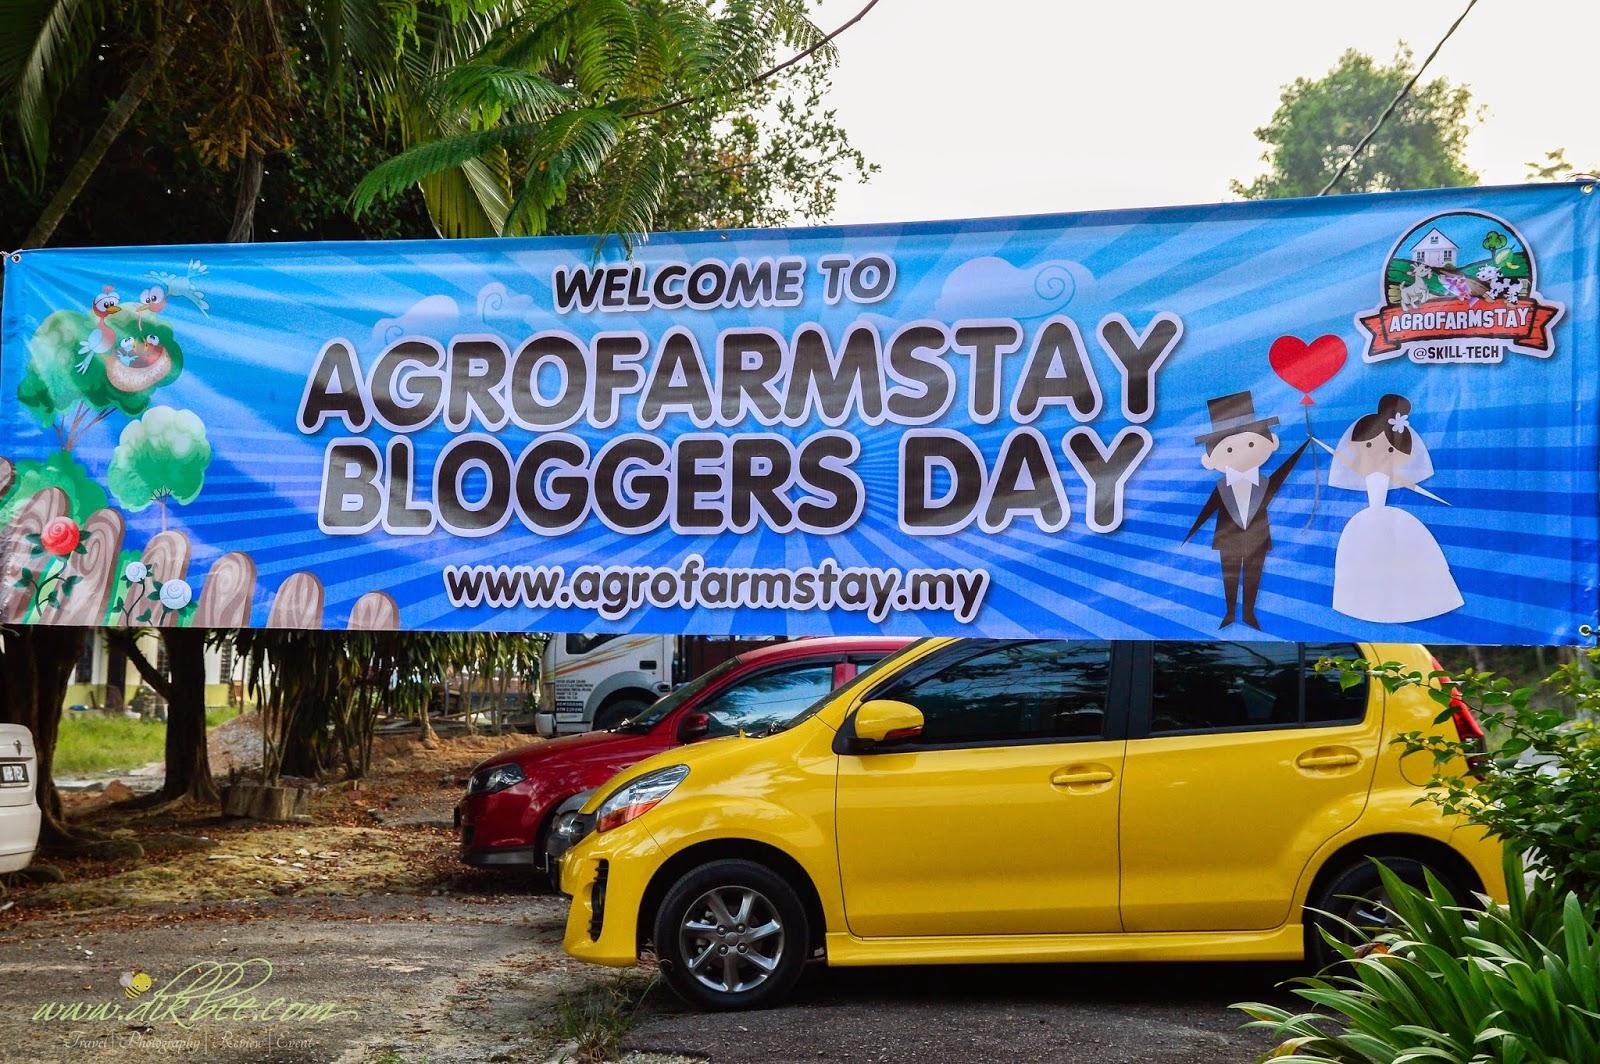 Pakej Perkahwinan Di Agrofarmstay Skill Tech Durian Tunggal Melaka